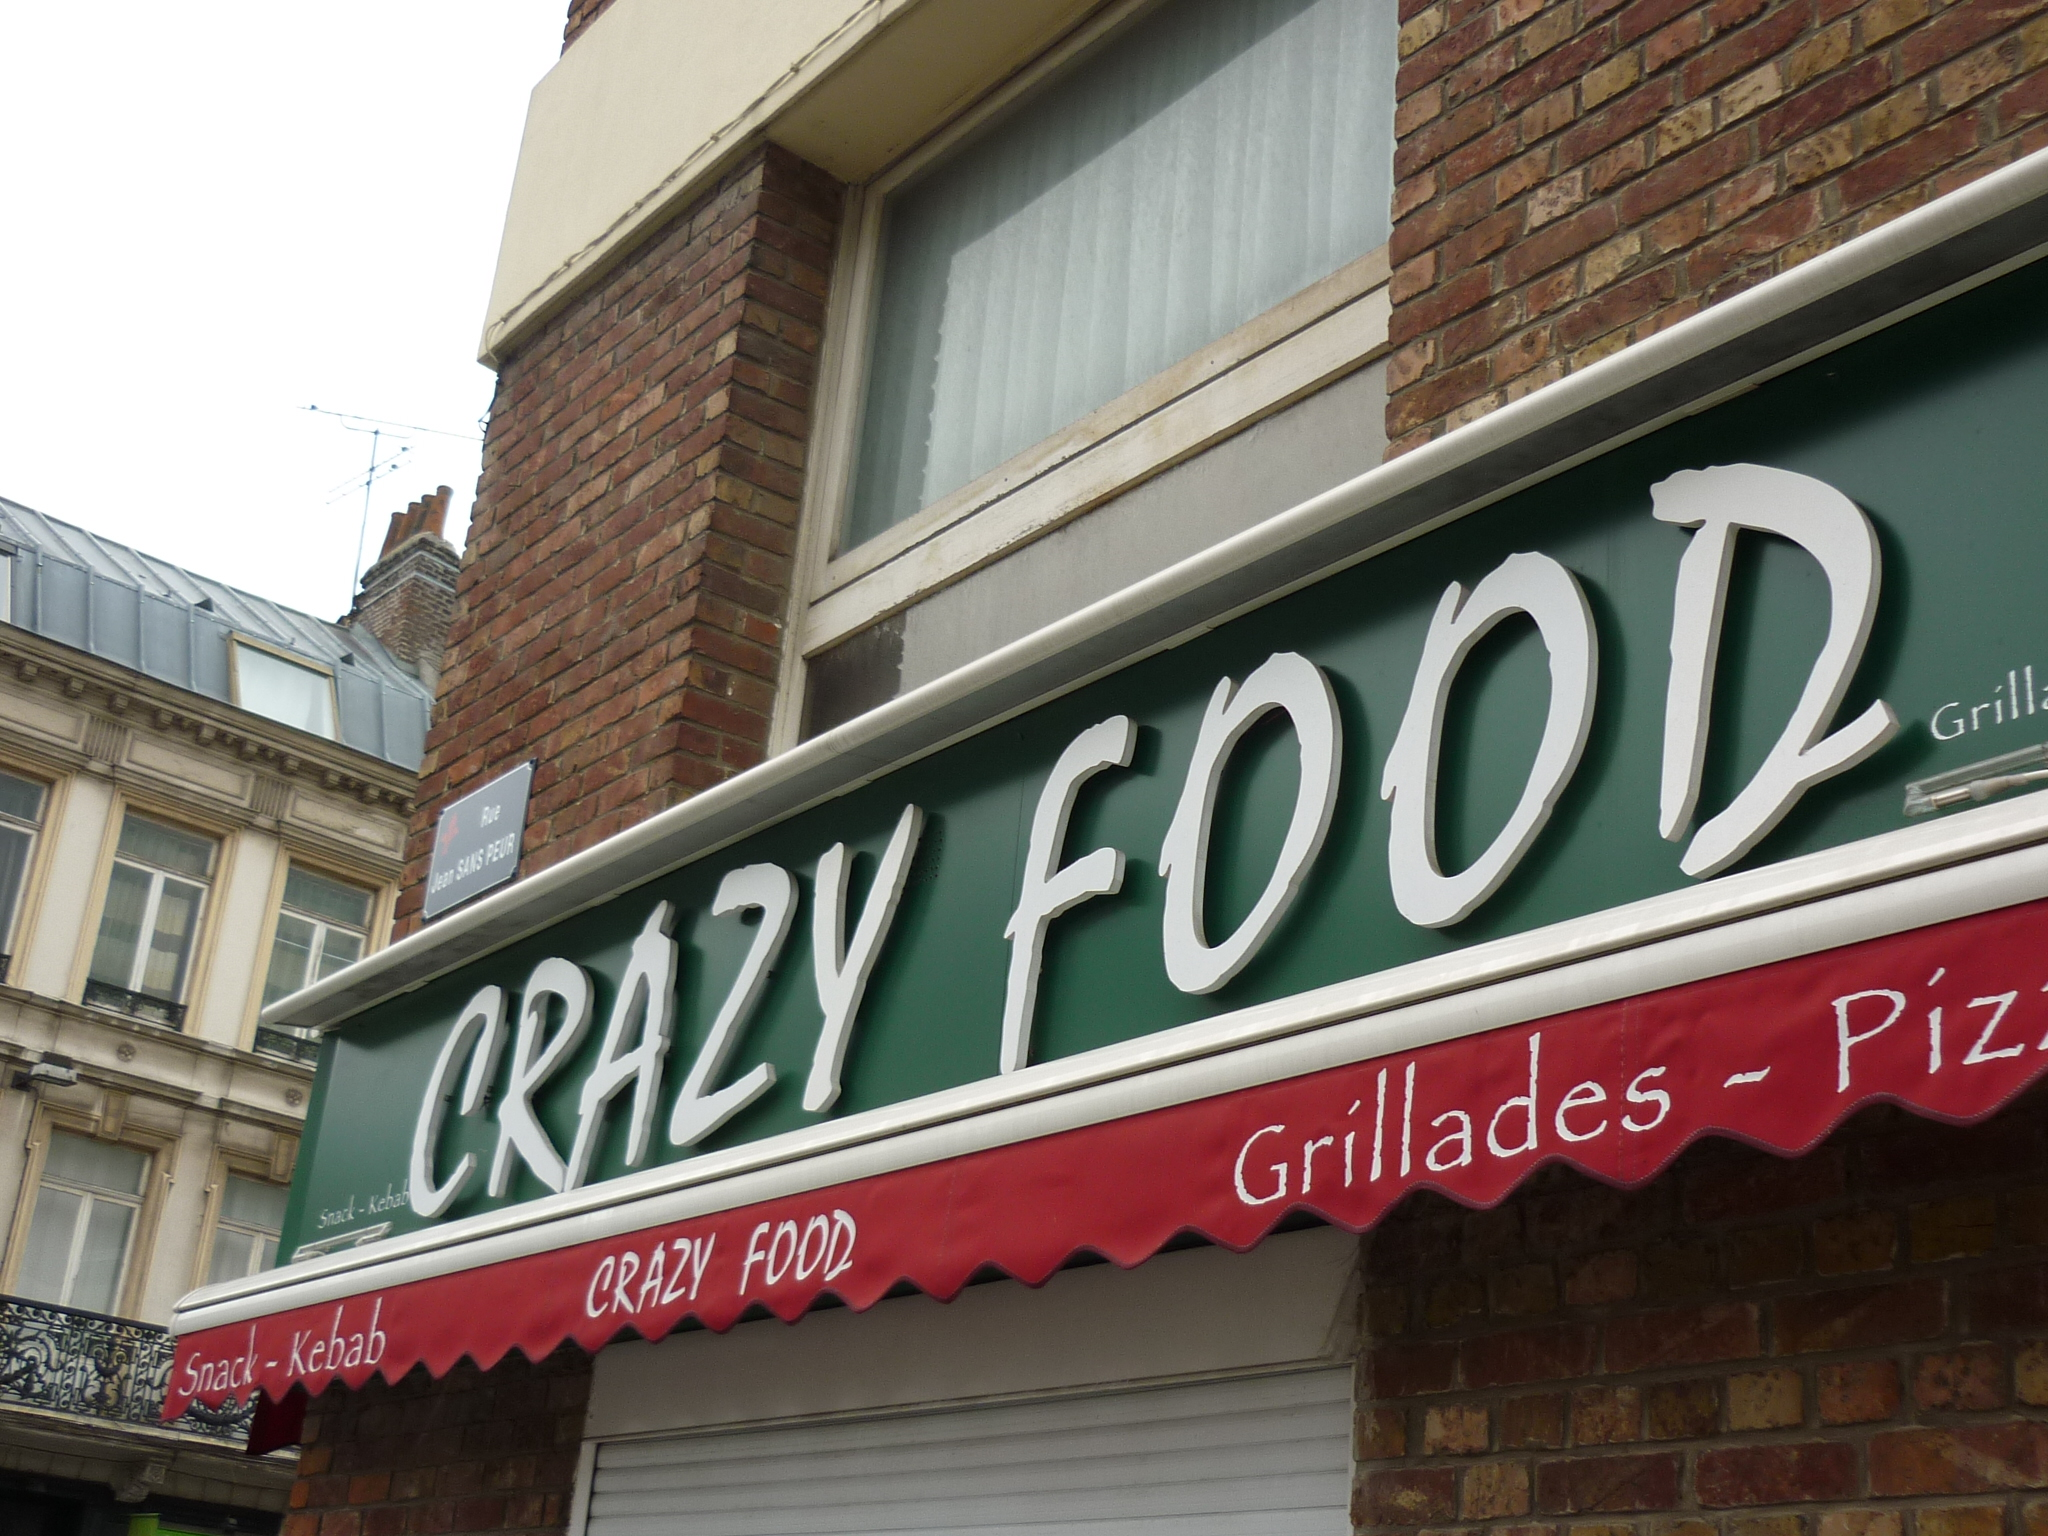 Crazy Food